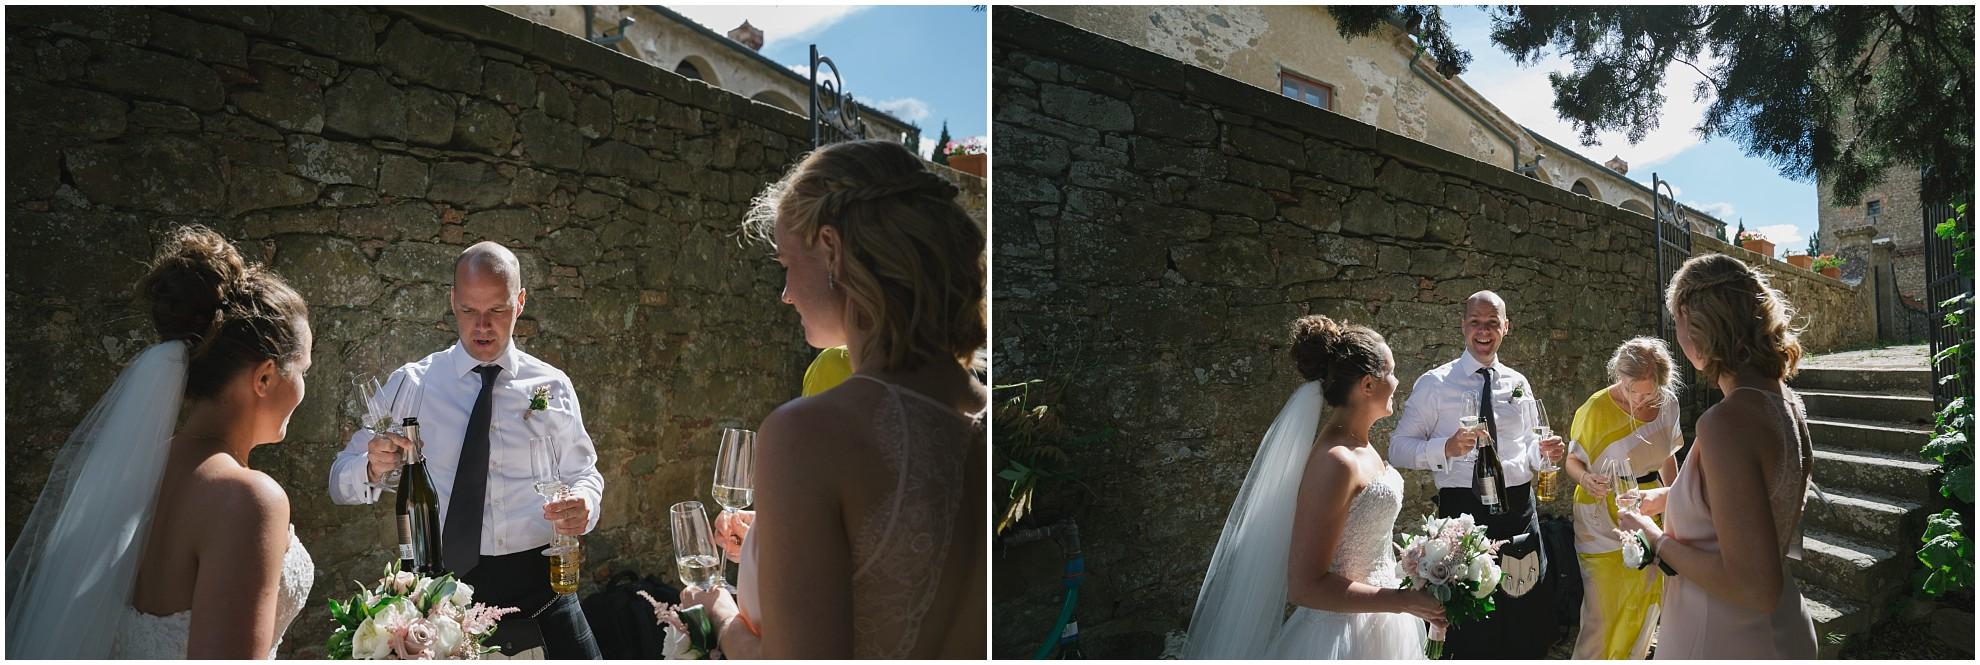 tuscany-wedding-photographer-062